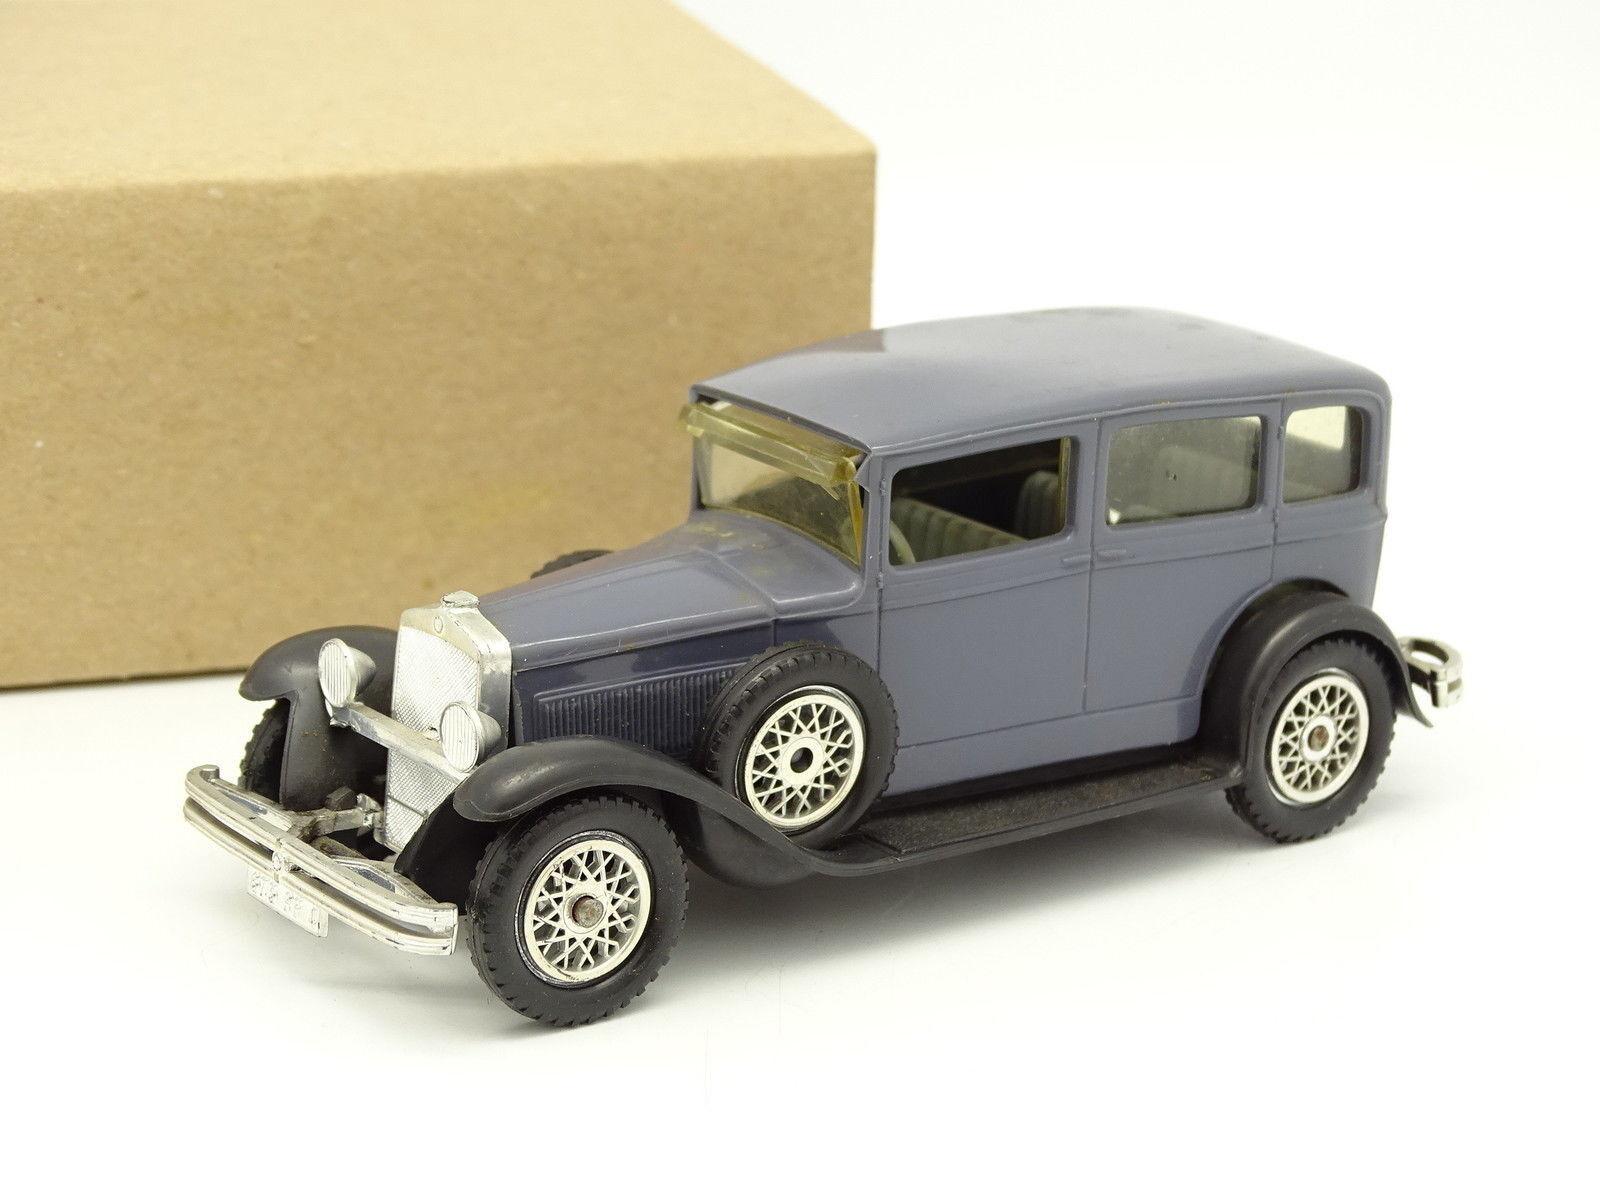 Norev Norev Norev SB 1 43 - Fiat 525 1928 N.146 bbe1ec